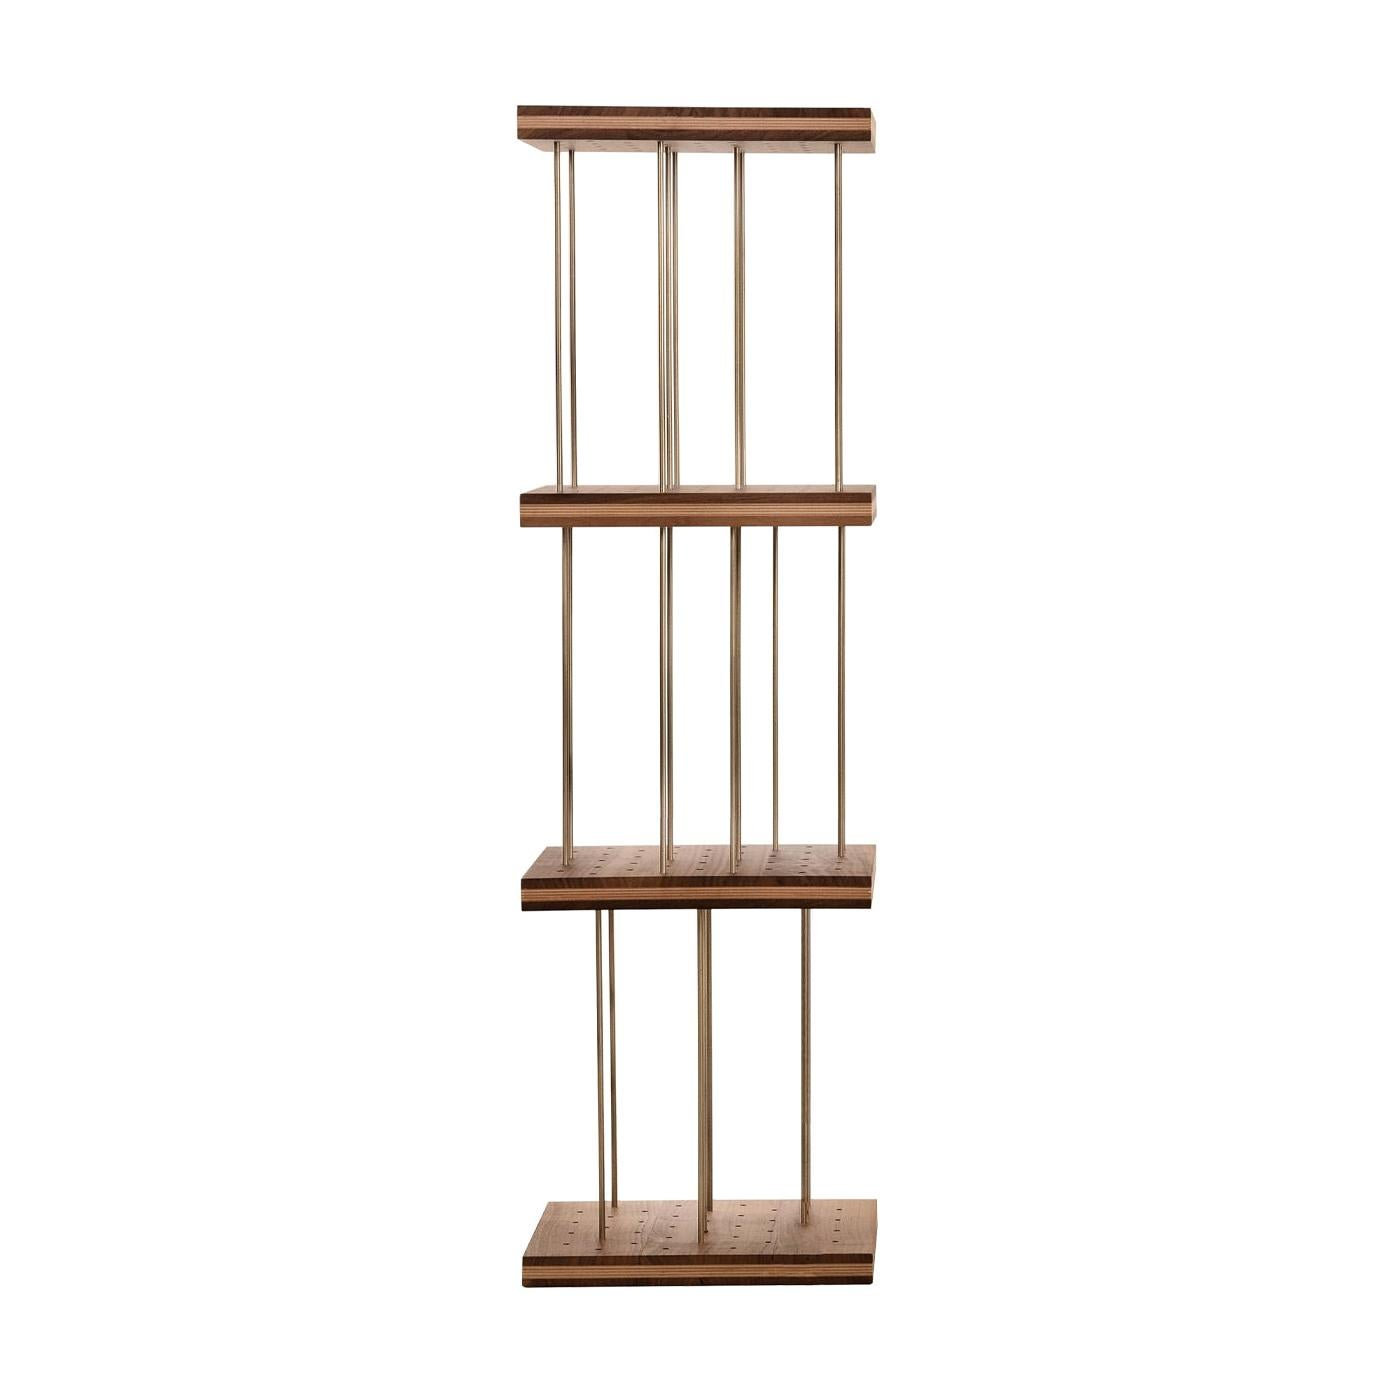 Trentatrè 3-Module Bookcase by Salvatore Martorana